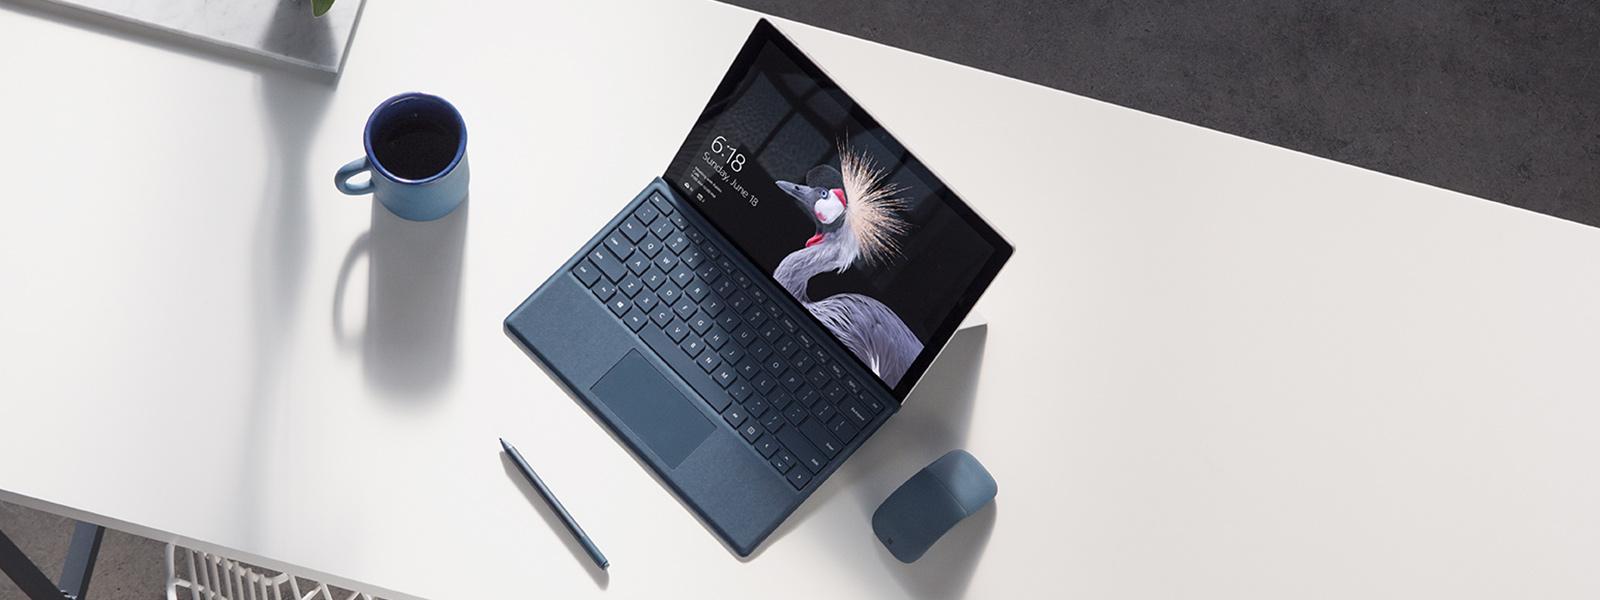 Appareil Surface Pro sur un banc avec un stylet Surface et une souris Surface Arc Mouse.